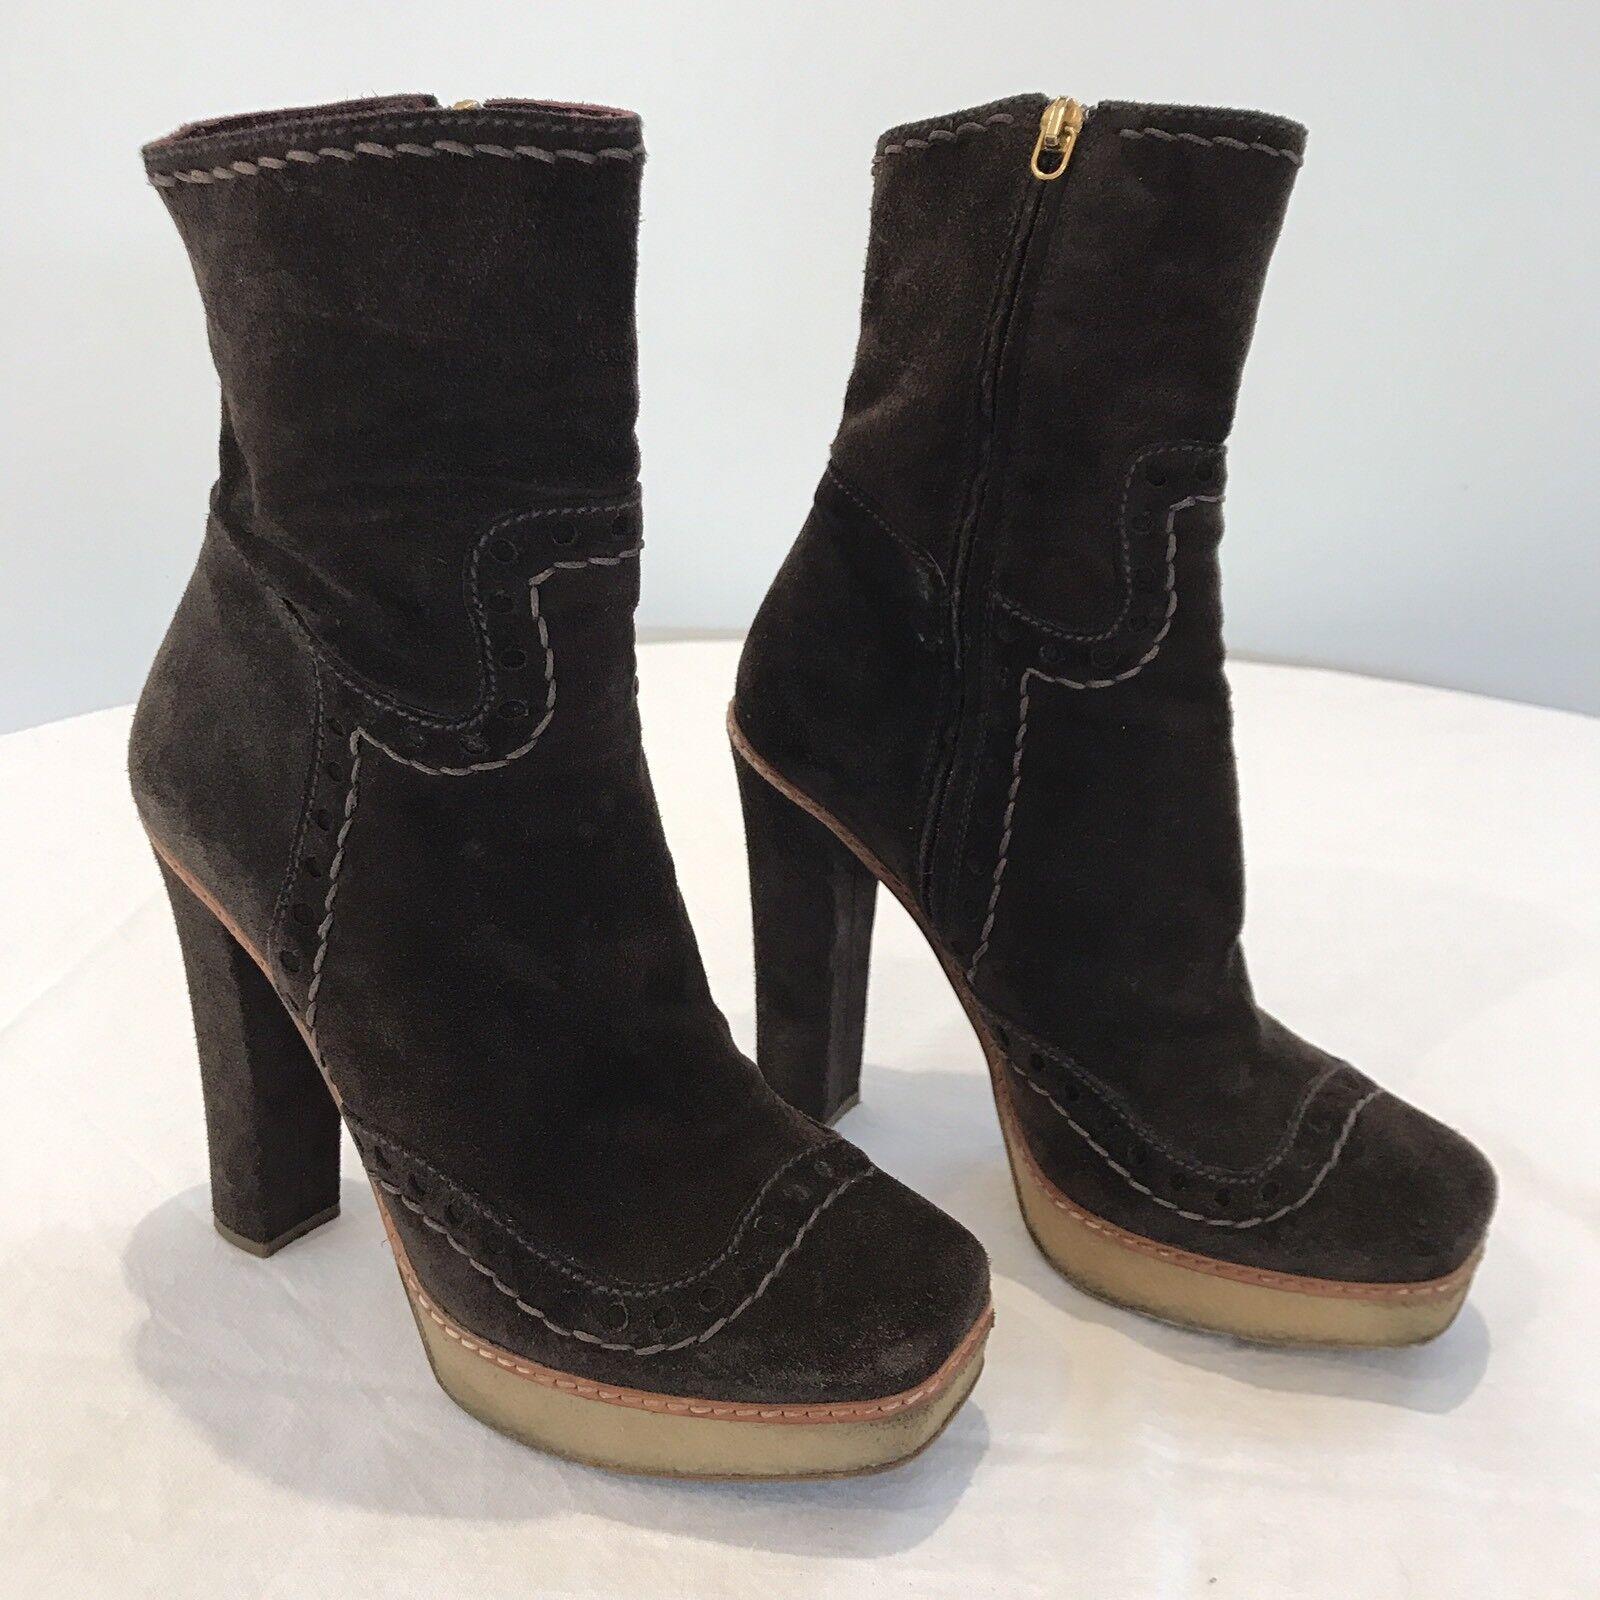 Prada Marrón Gamuza botas de plataforma talón en en en bloque de goma suela 38.5 Boho  buena calidad